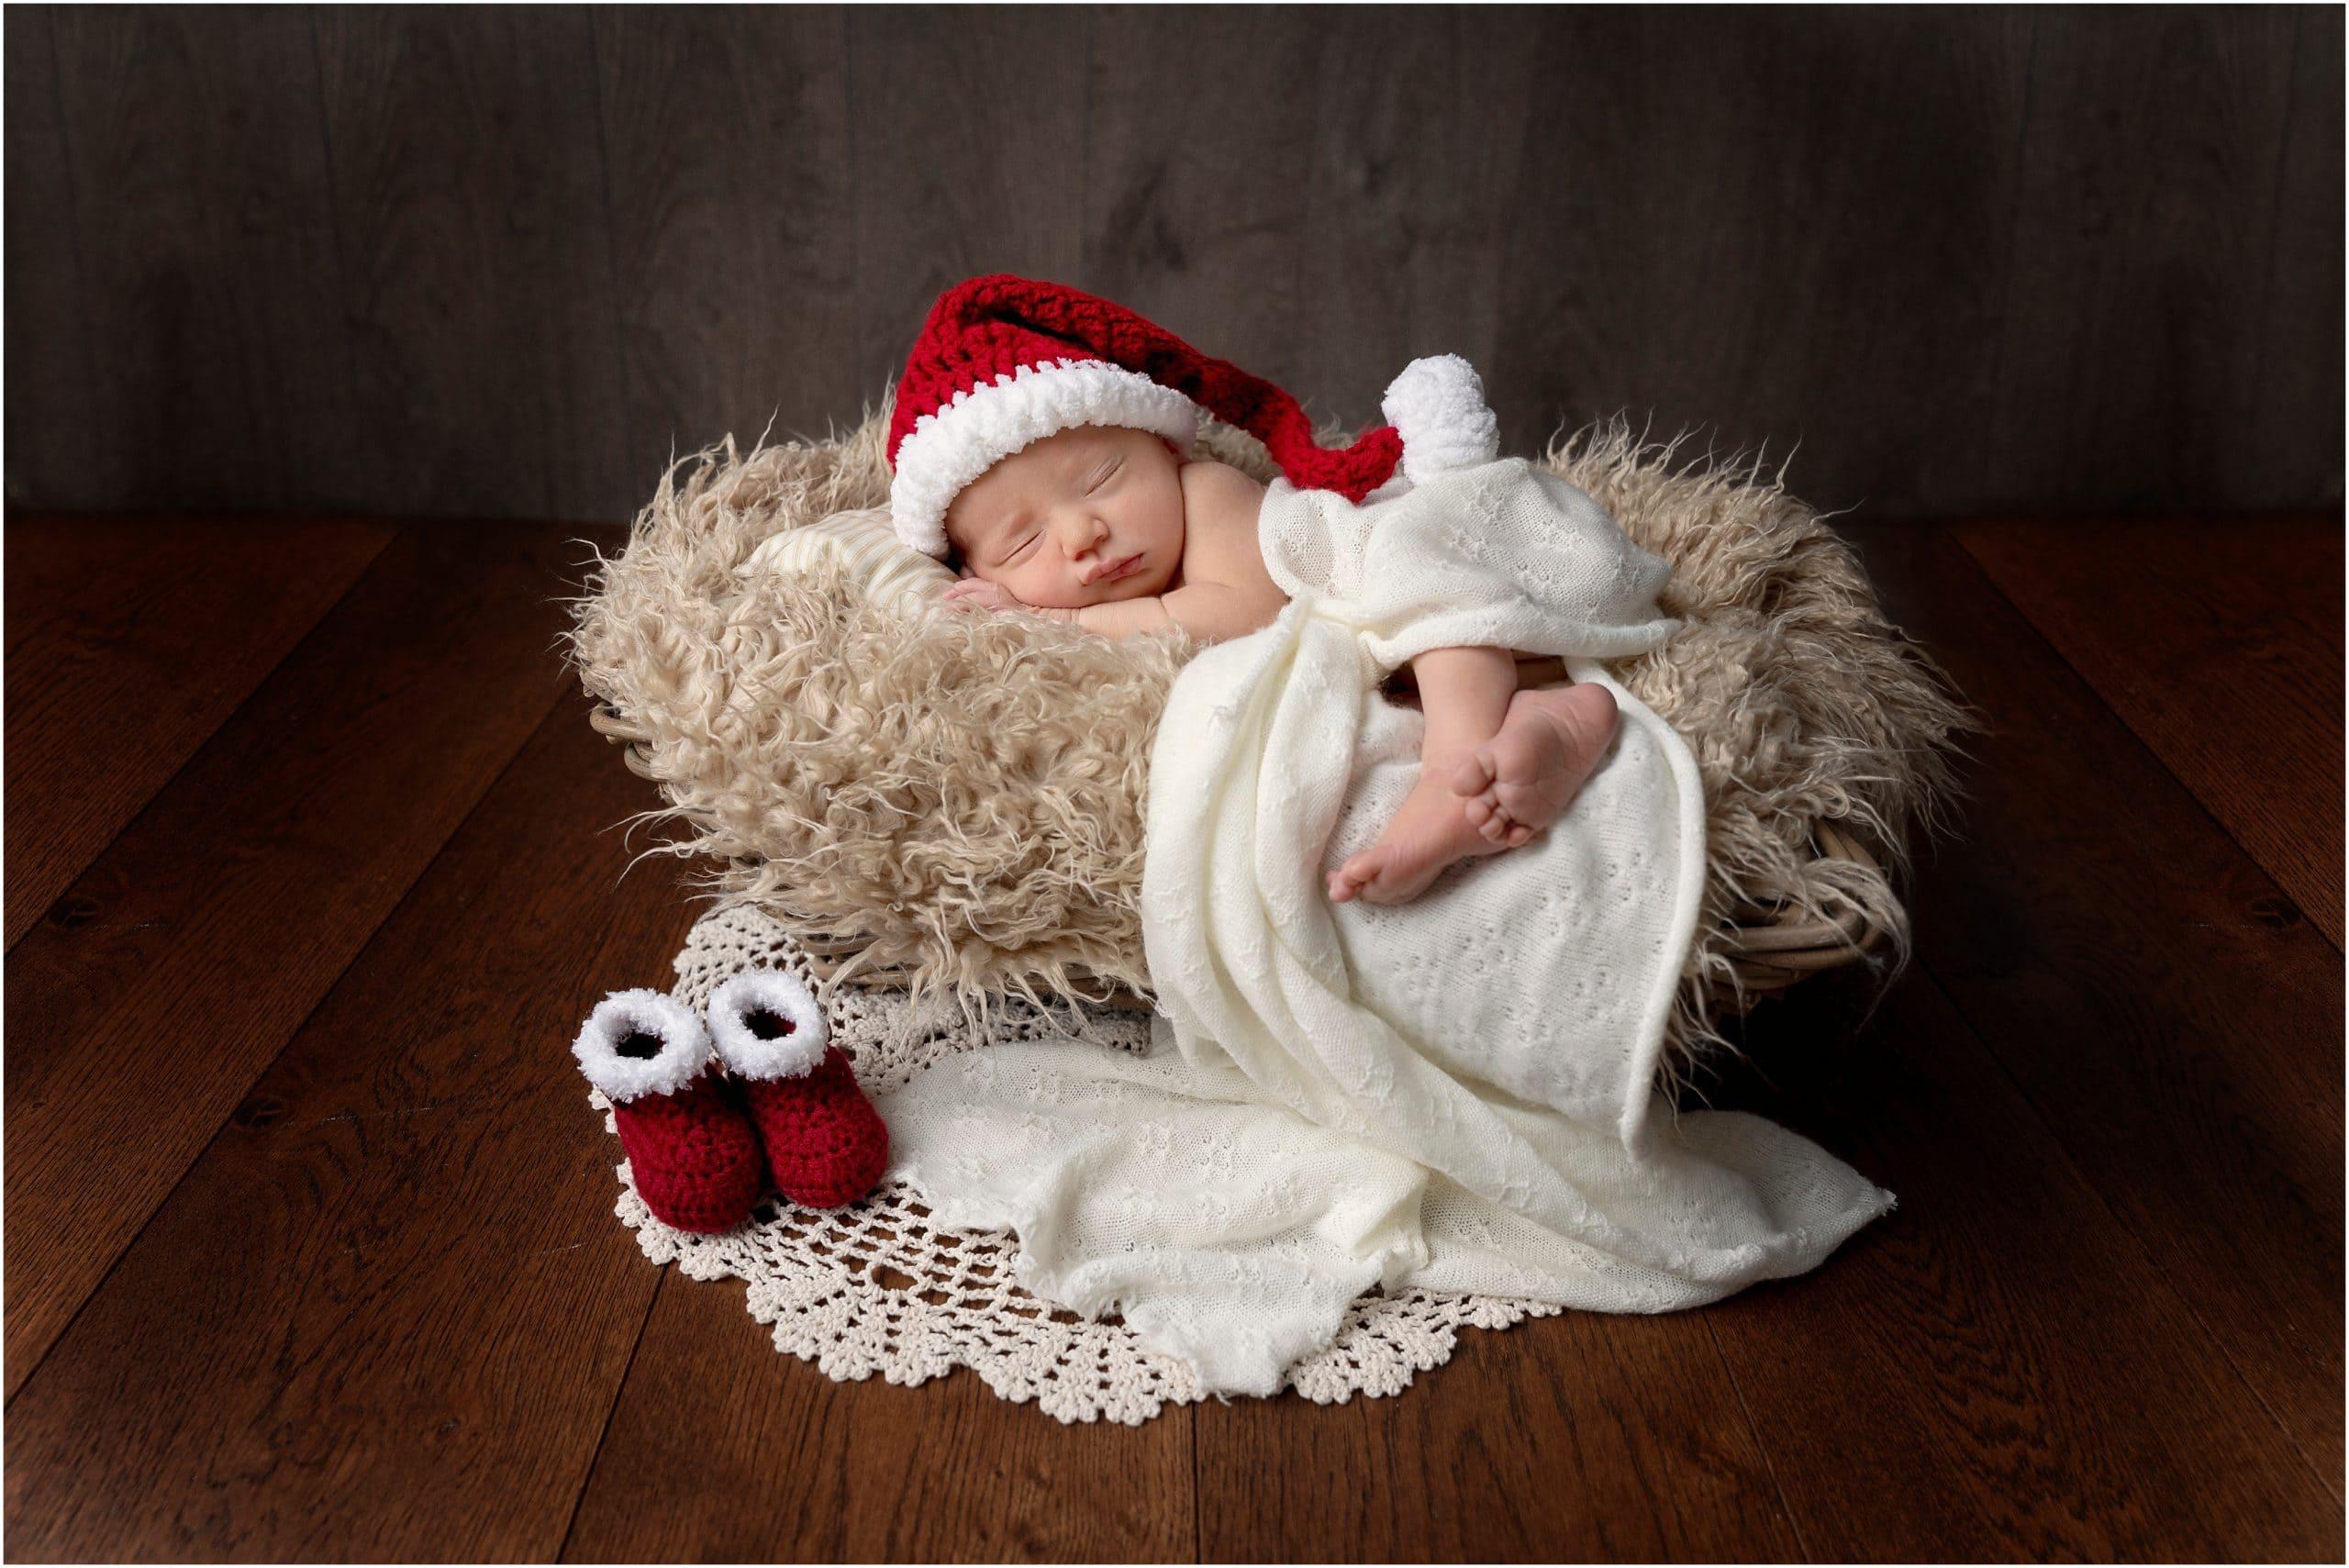 Newborn in a santa hat